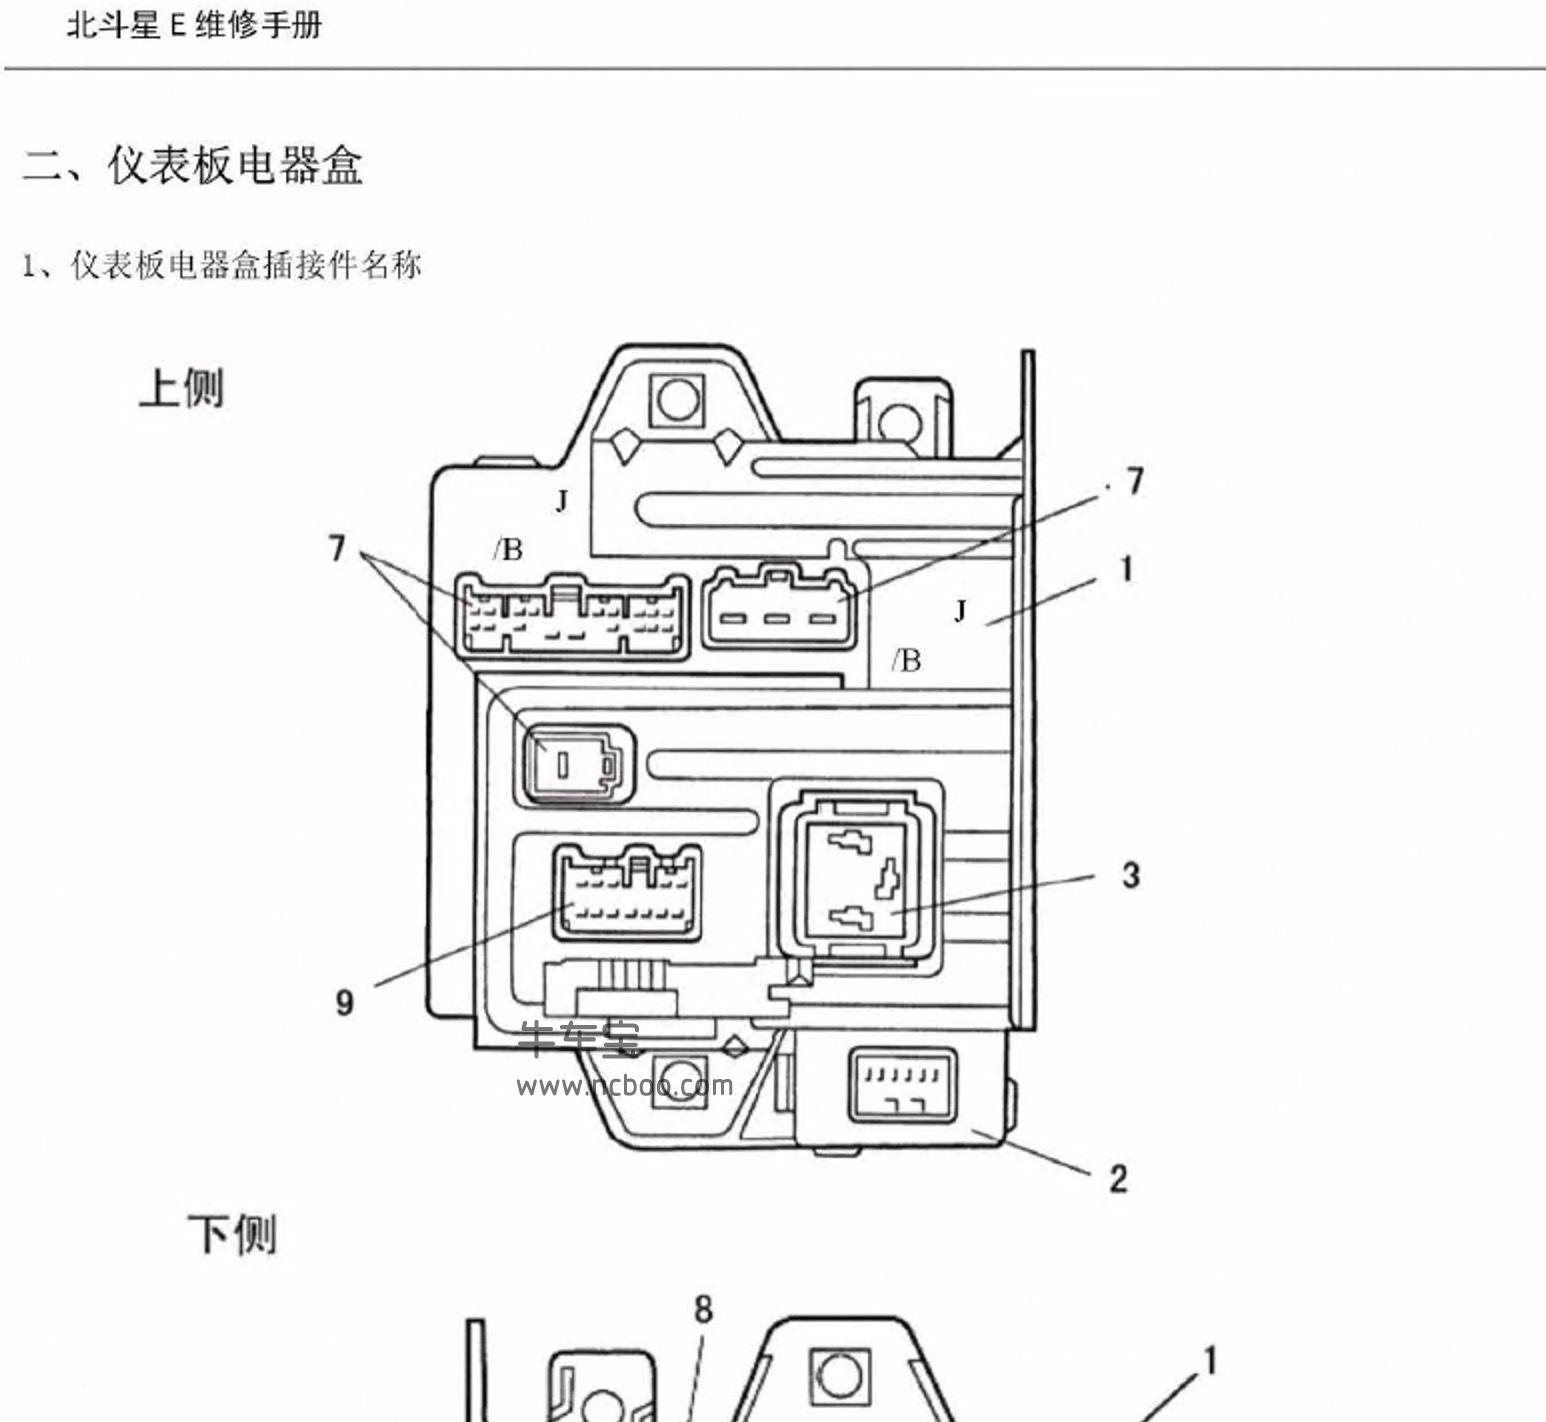 2017-2018款昌河新北斗星X5E原厂电路图资料下载